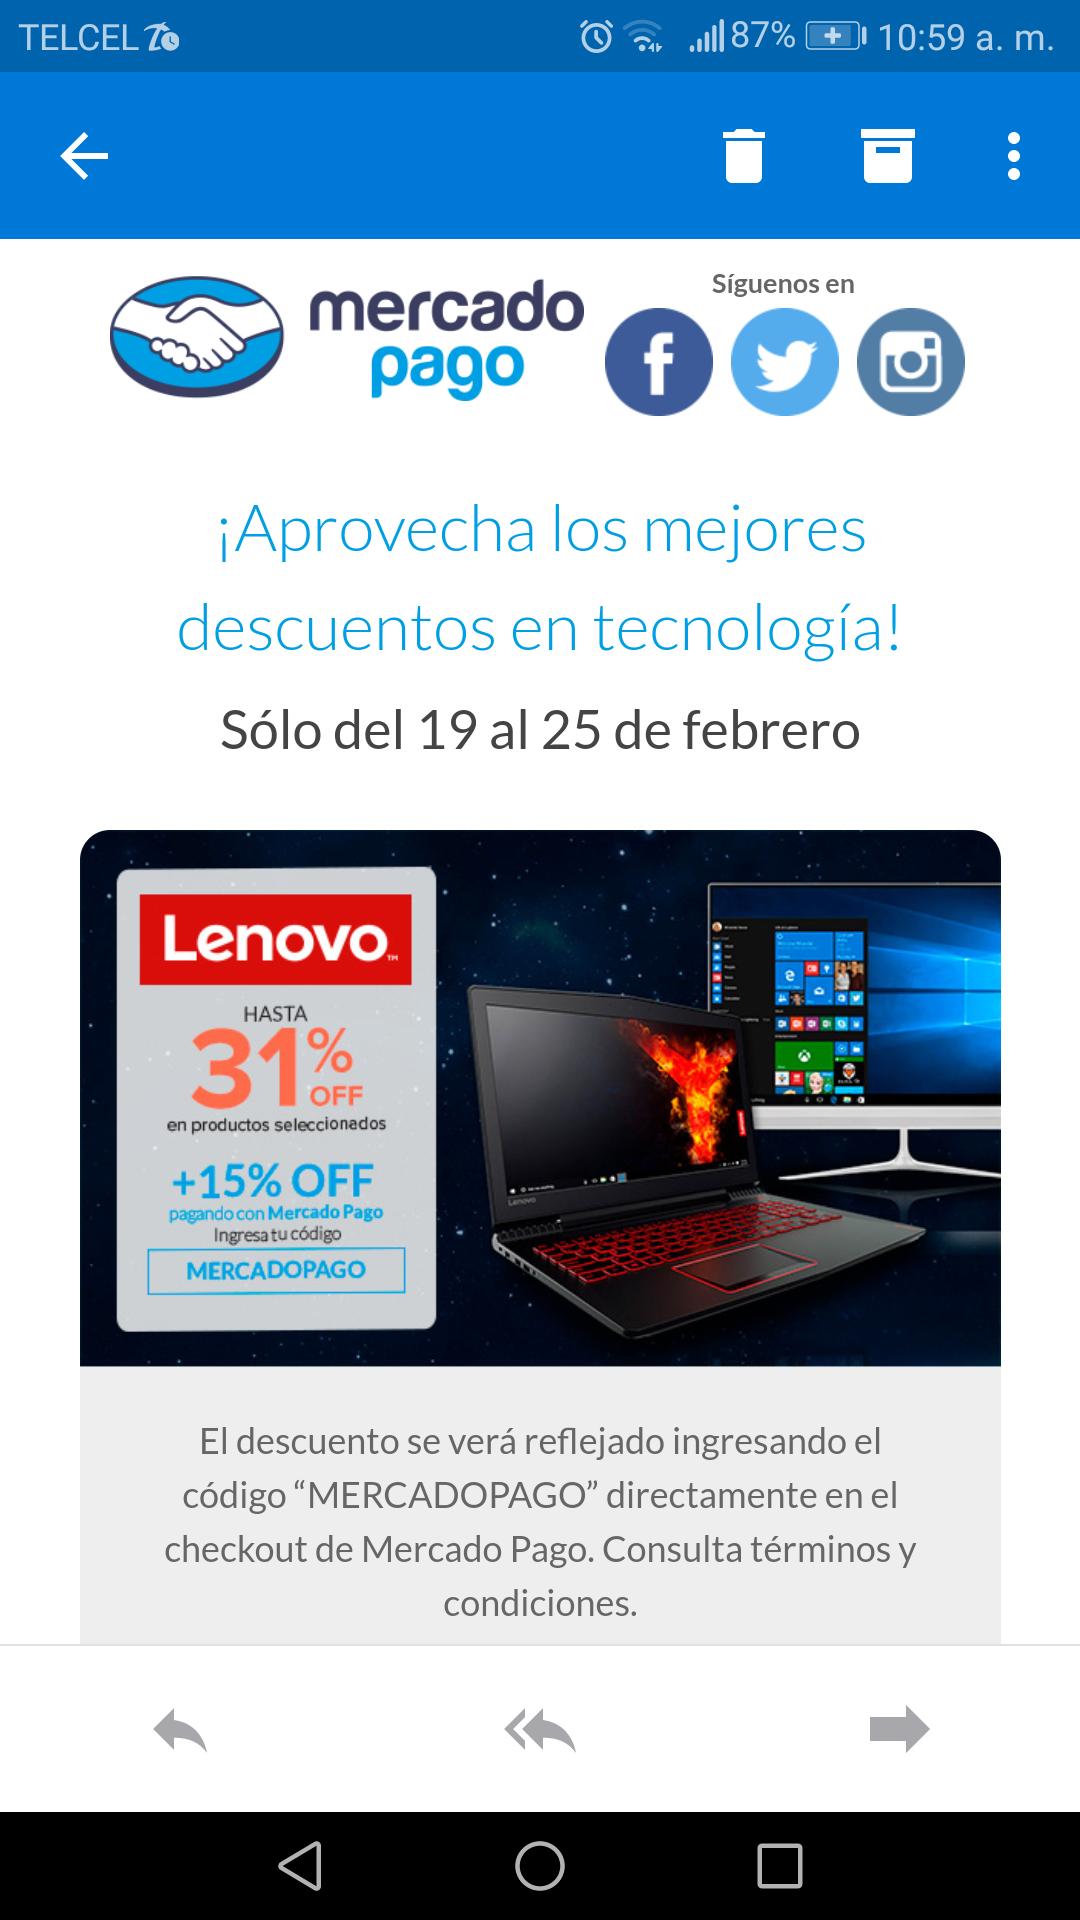 Lenovo: Aprovecha hasta 30 % off en lenovo! + 15 % off pagando con mercado pago